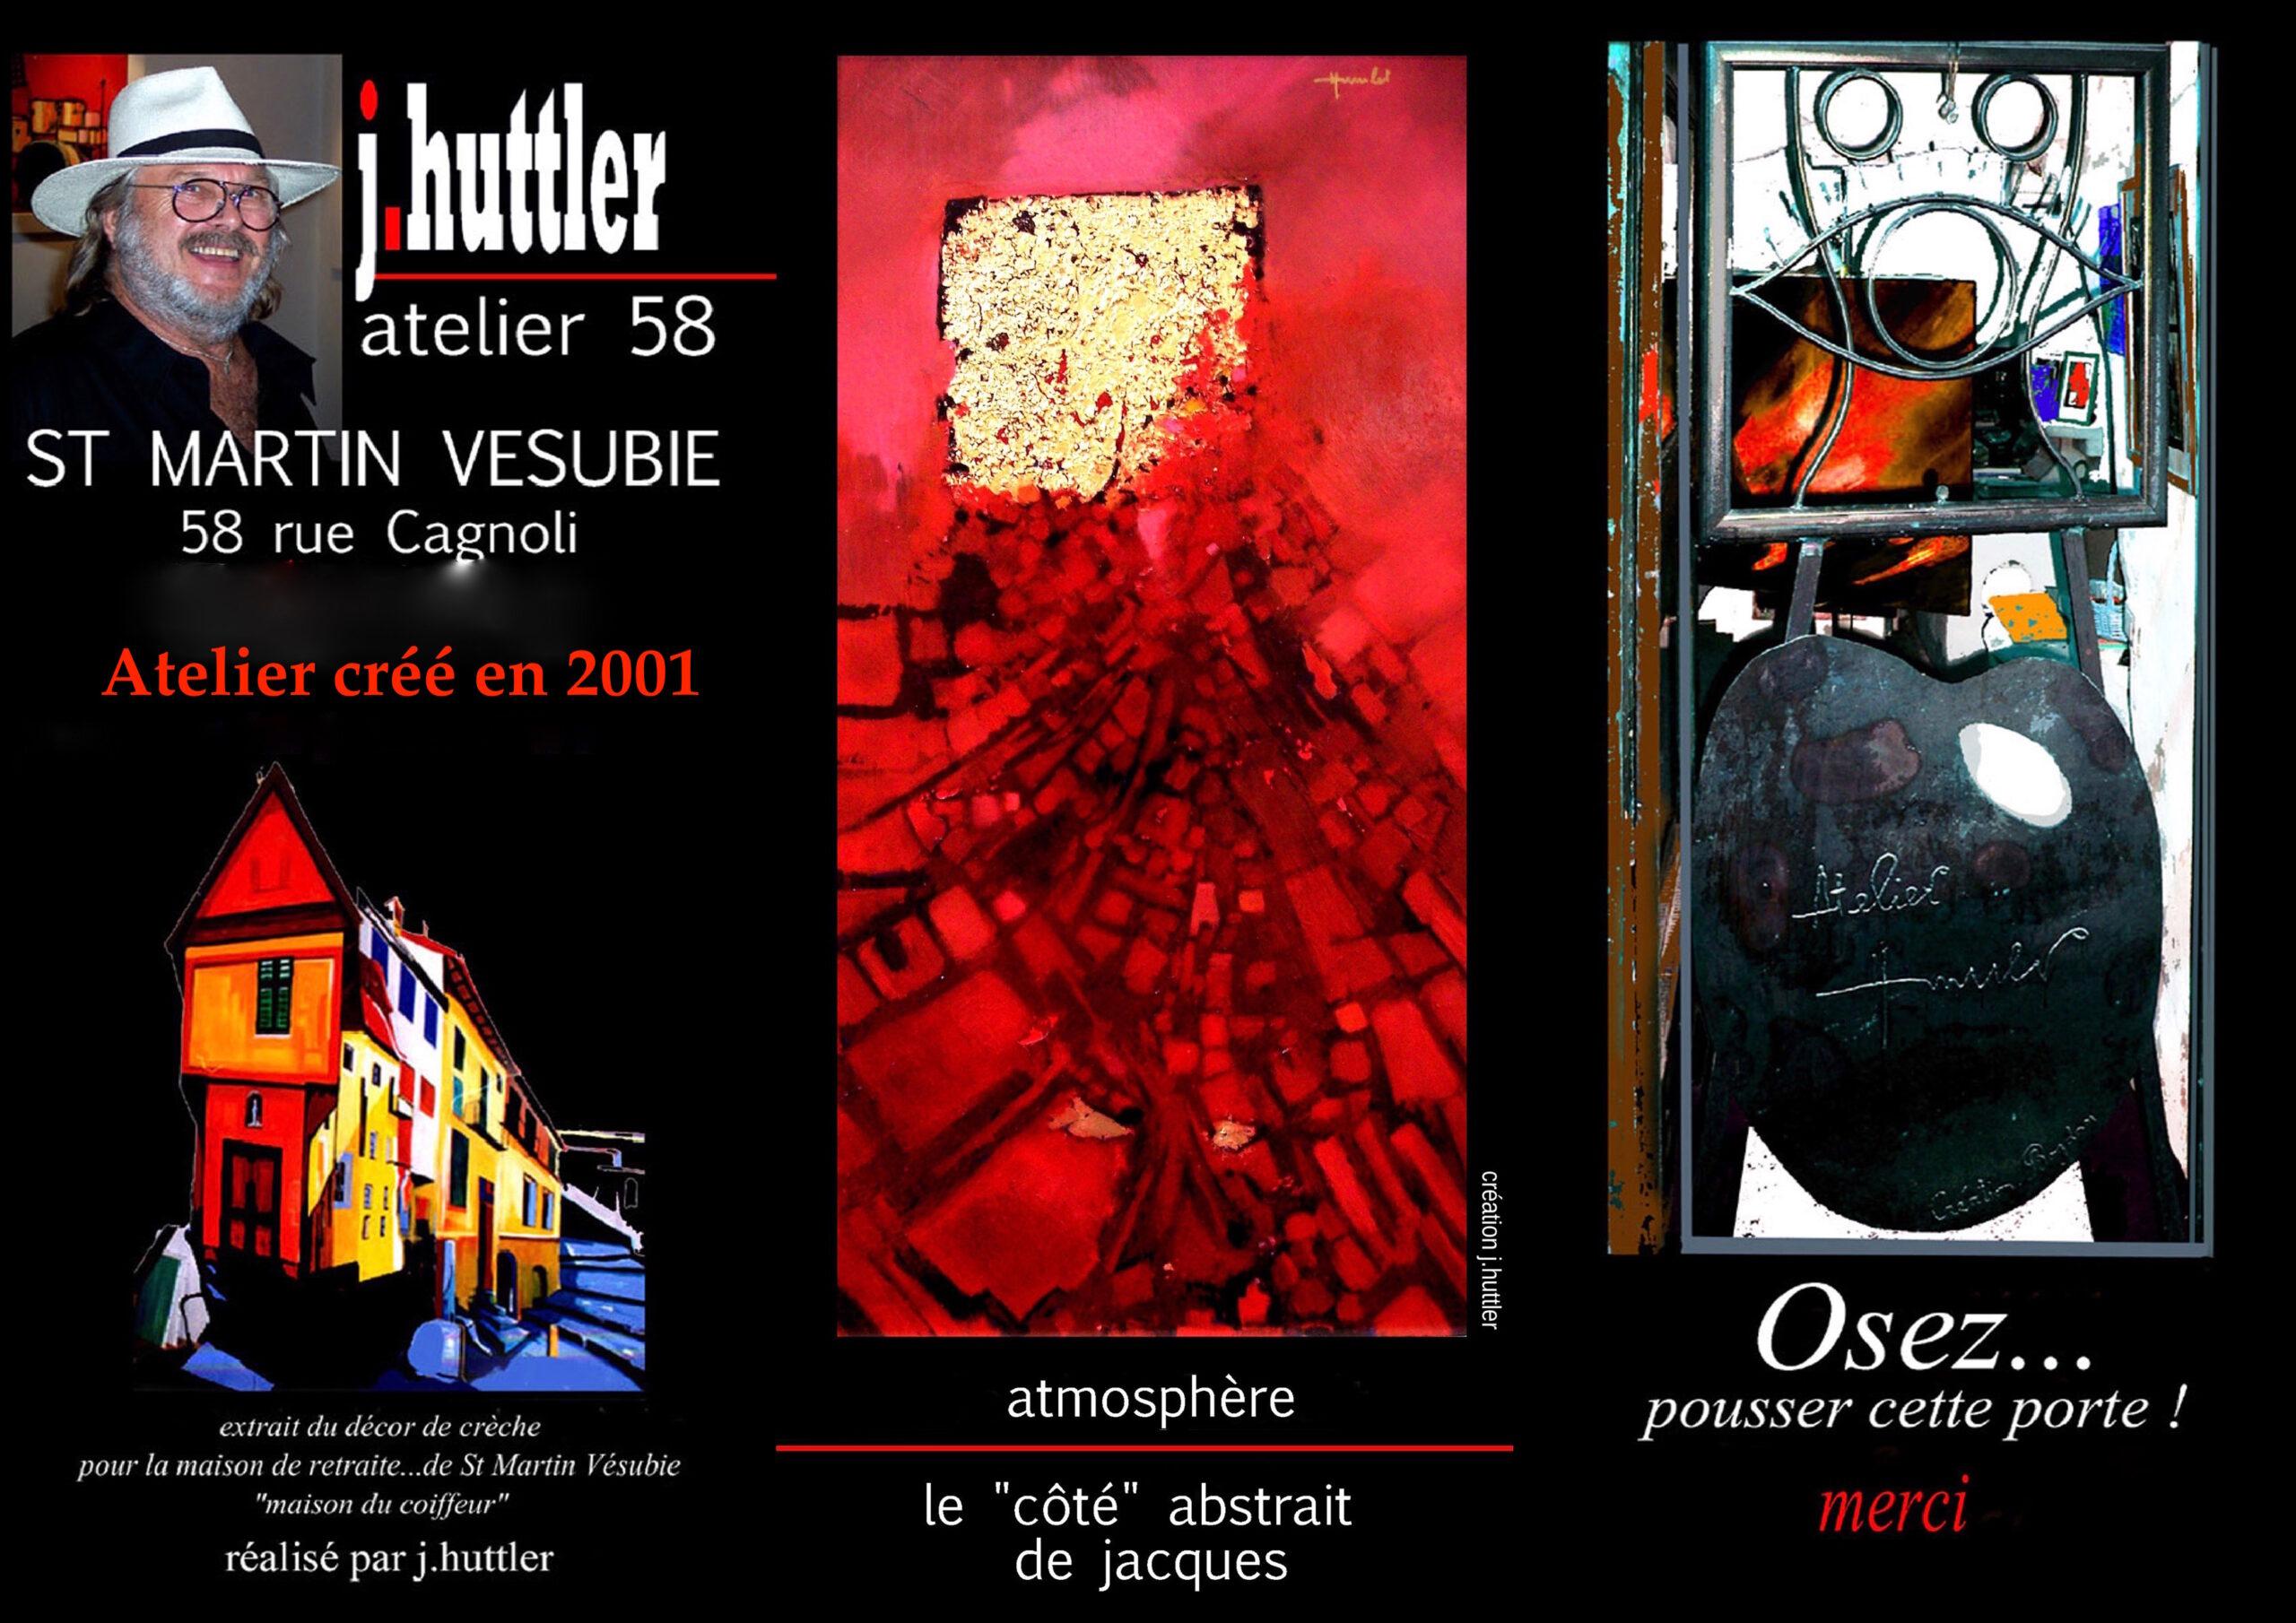 Jacques Huttler a crée l'Atelier 58 en 2001